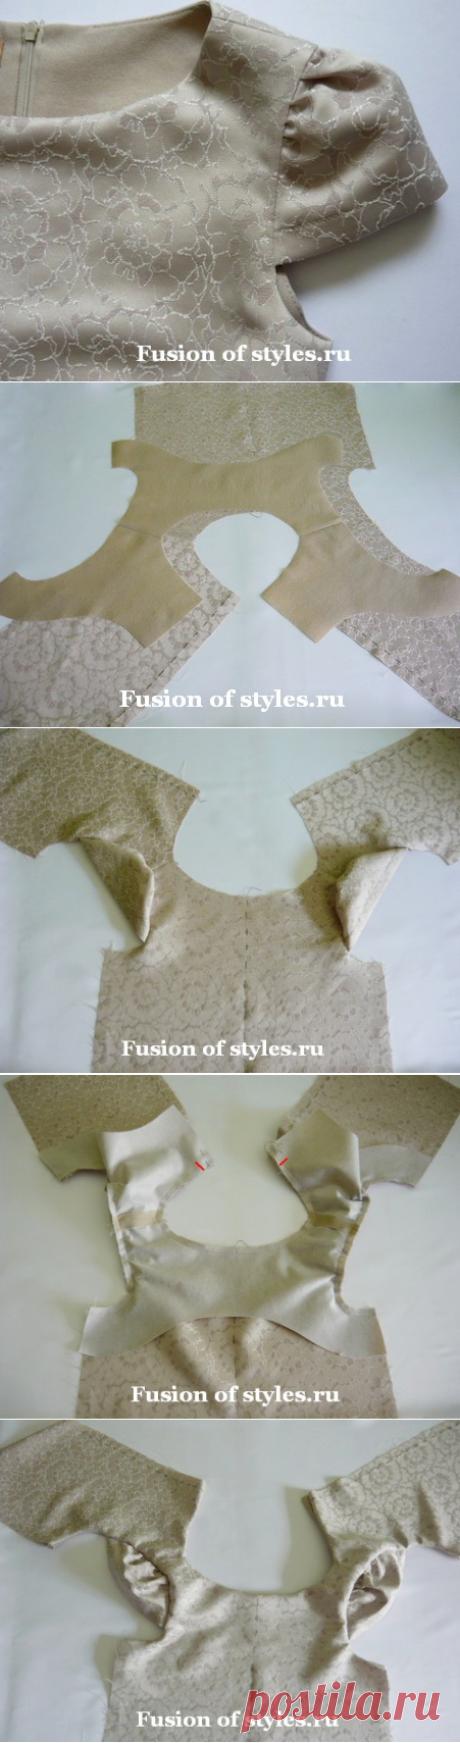 Обработка горловины и пройм лифа с рукавами - крылышками цельнокроеной обтачкой | Всё о моде, стиле, шитье и рукоделии СЛИЯНИЕ СТИЛЕЙ